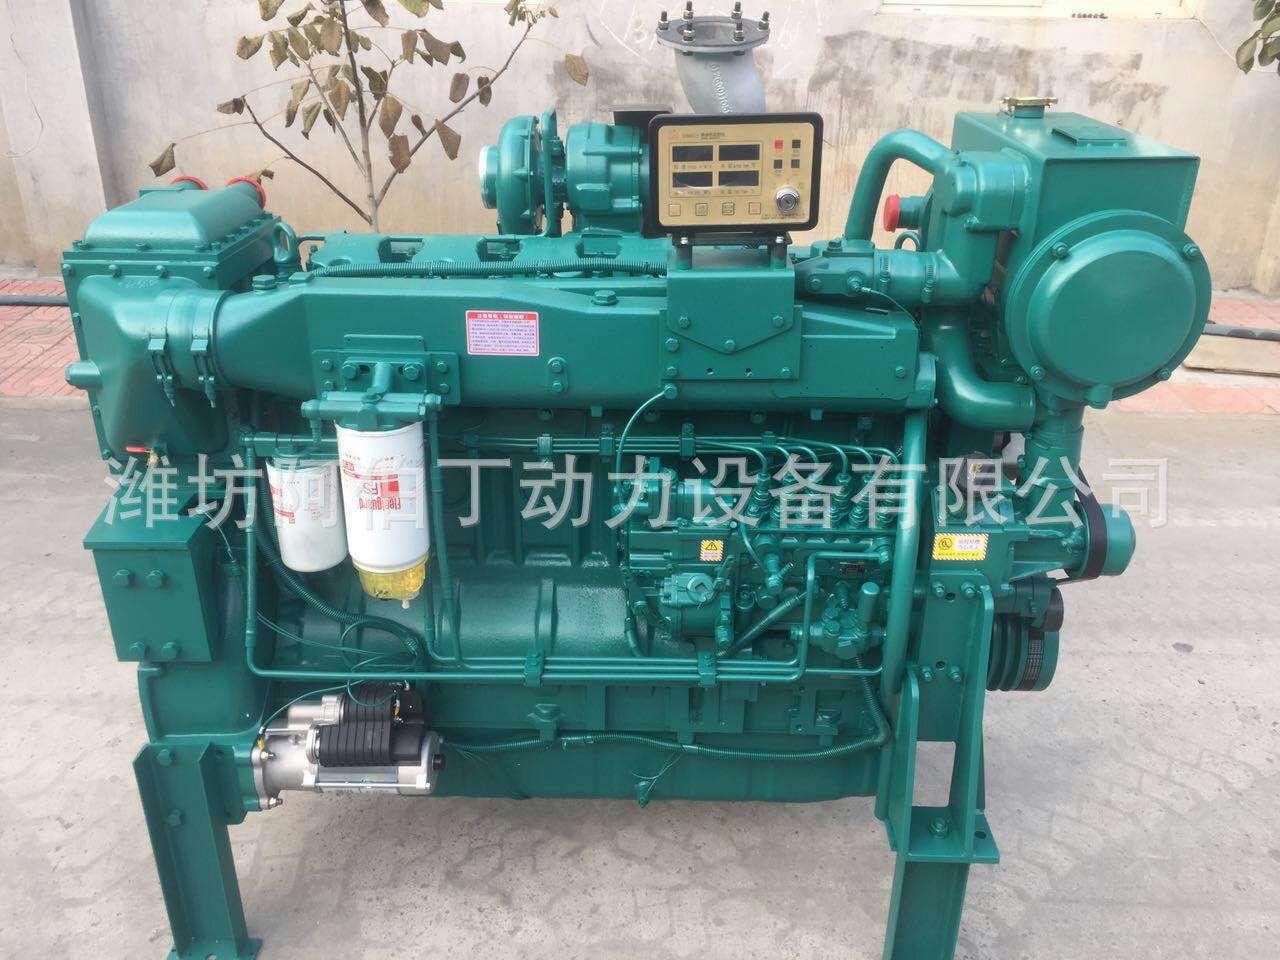 厂家直销潍柴WP12斯太尔12升排量450马力大功率船用柴油发动机